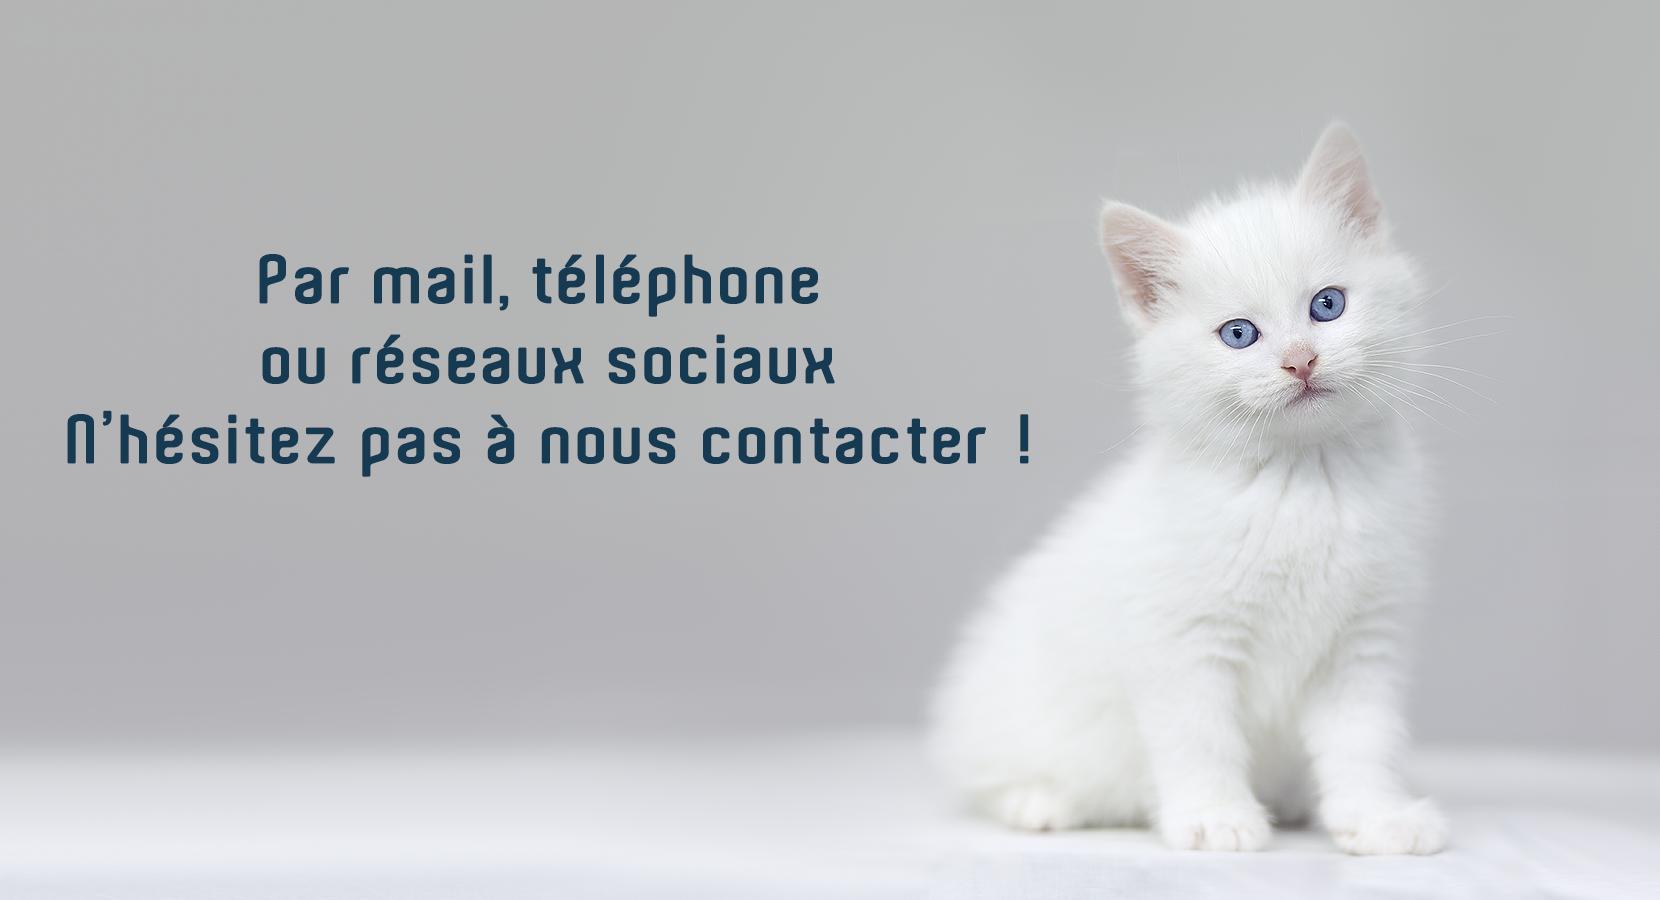 Chaton blanc invitant à contacter ses vétérinaires préférés sur Lyon premier - Entrechats - Exercice exclusif en médecine et chirurgie du chat.